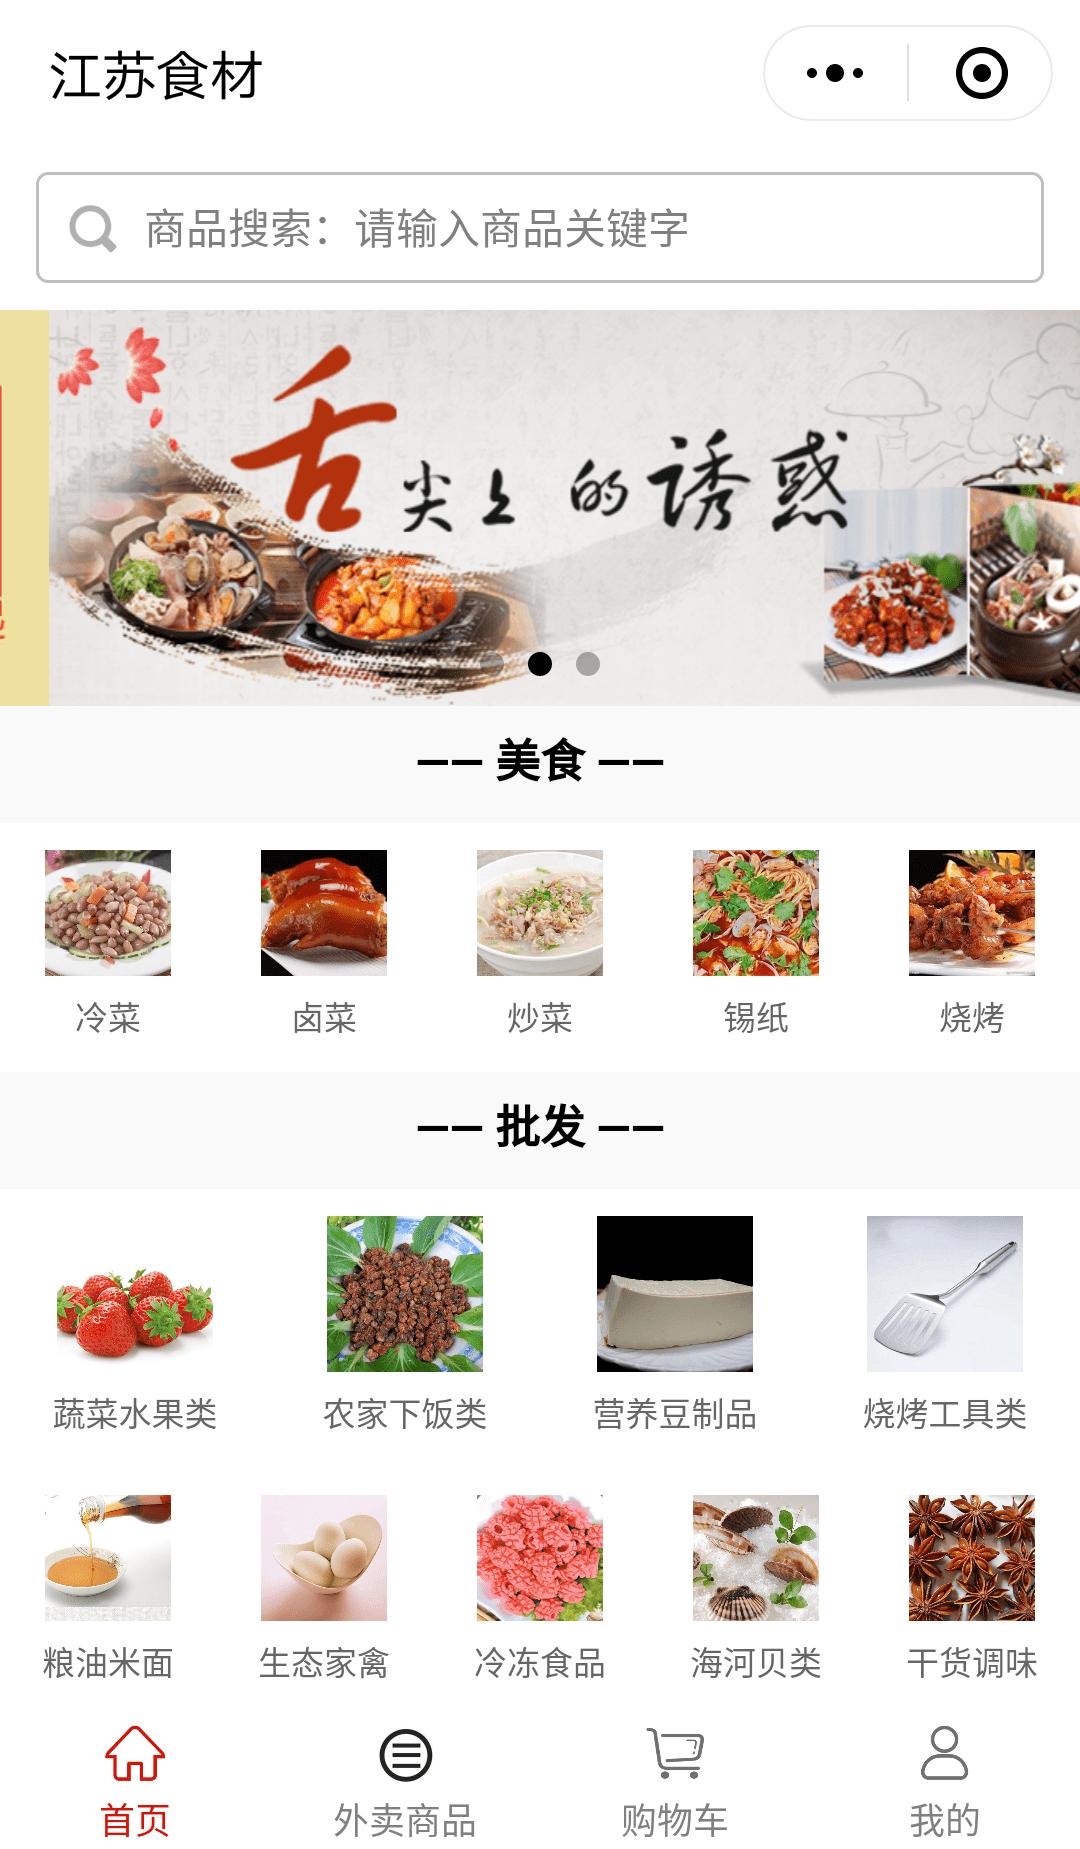 微信小程序定制开发案例-特色美食